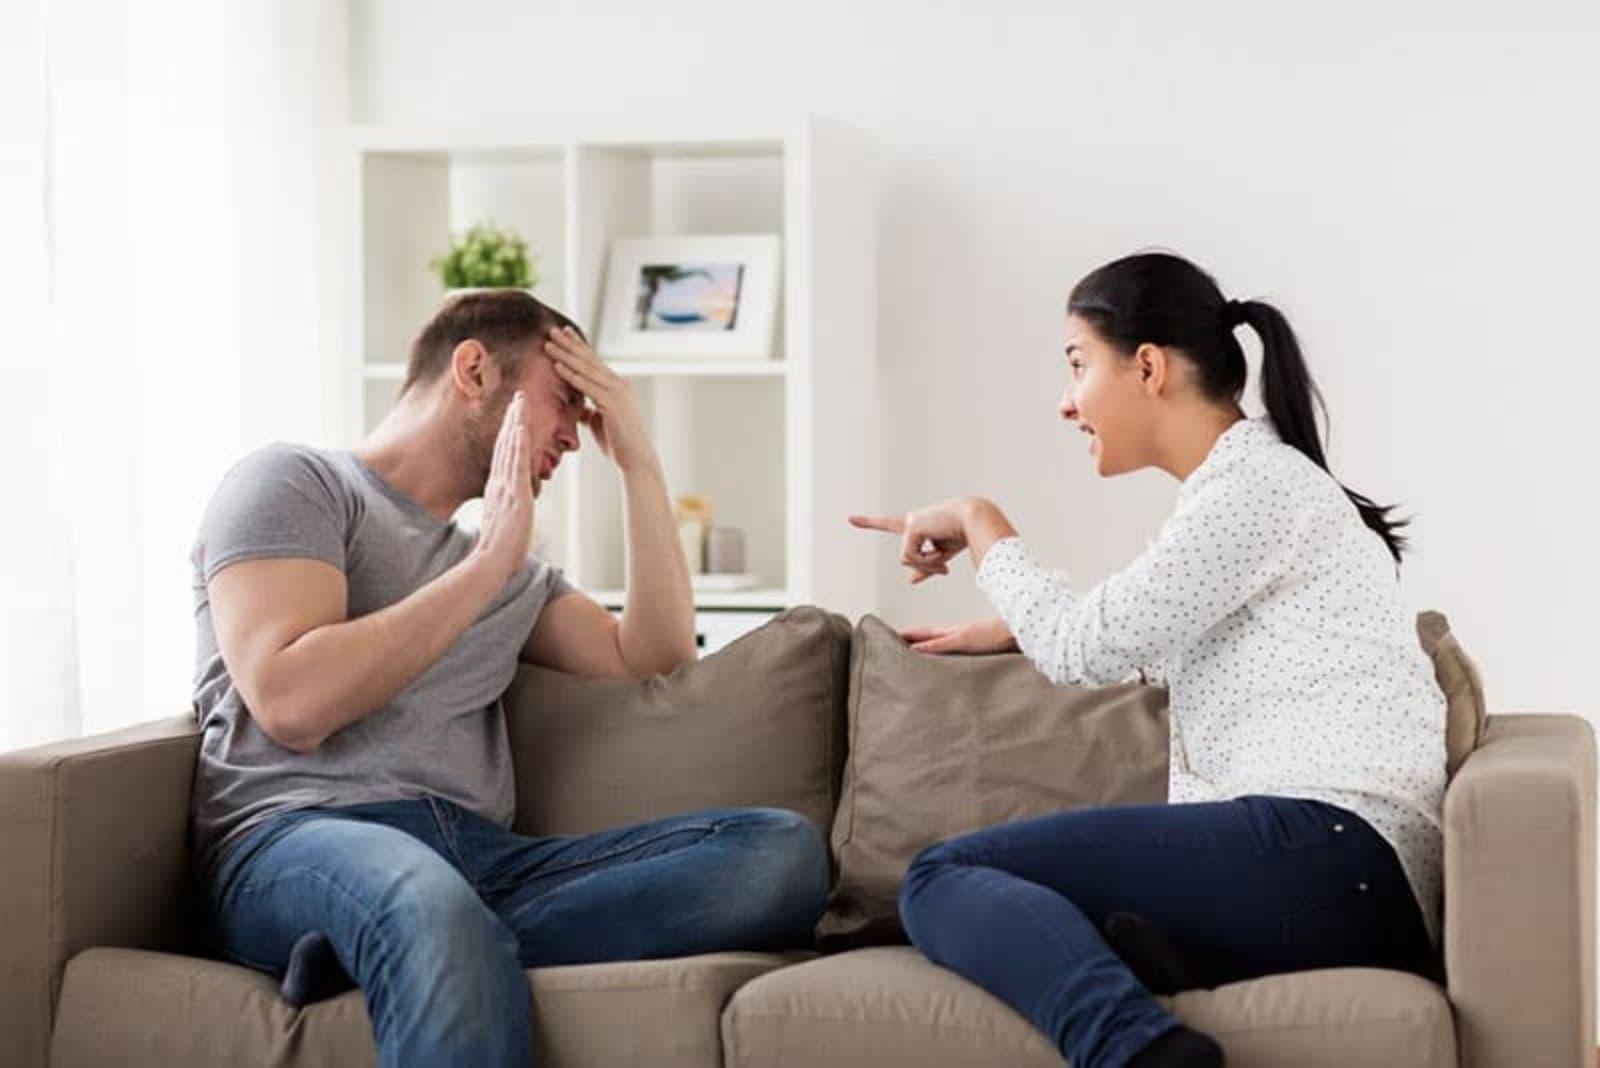 the woman yells at the man